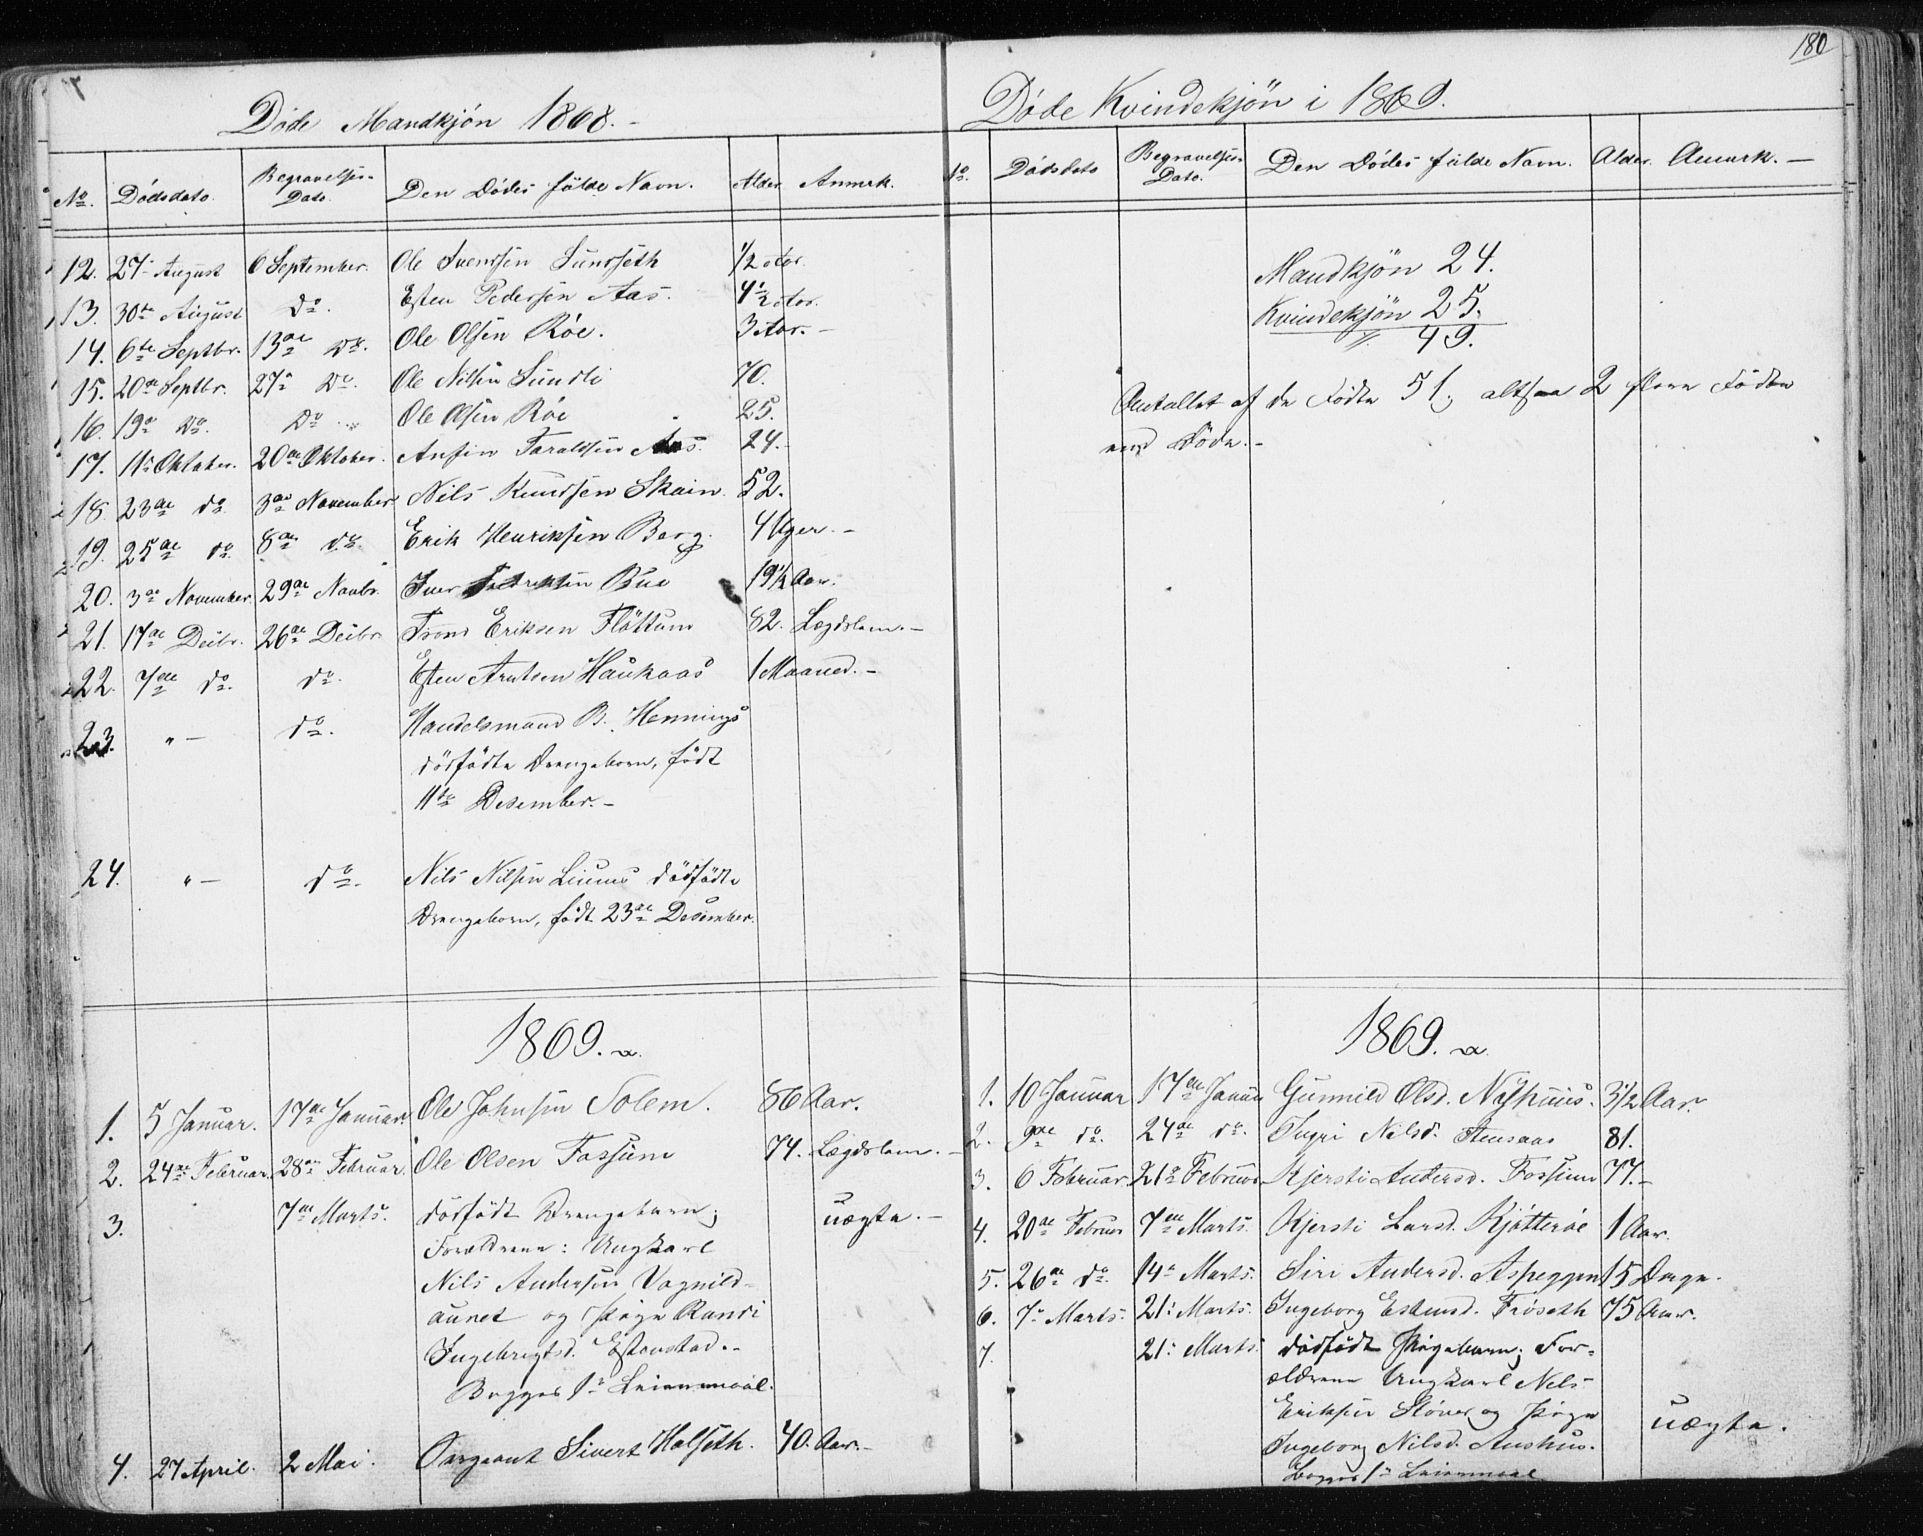 SAT, Ministerialprotokoller, klokkerbøker og fødselsregistre - Sør-Trøndelag, 689/L1043: Klokkerbok nr. 689C02, 1816-1892, s. 180